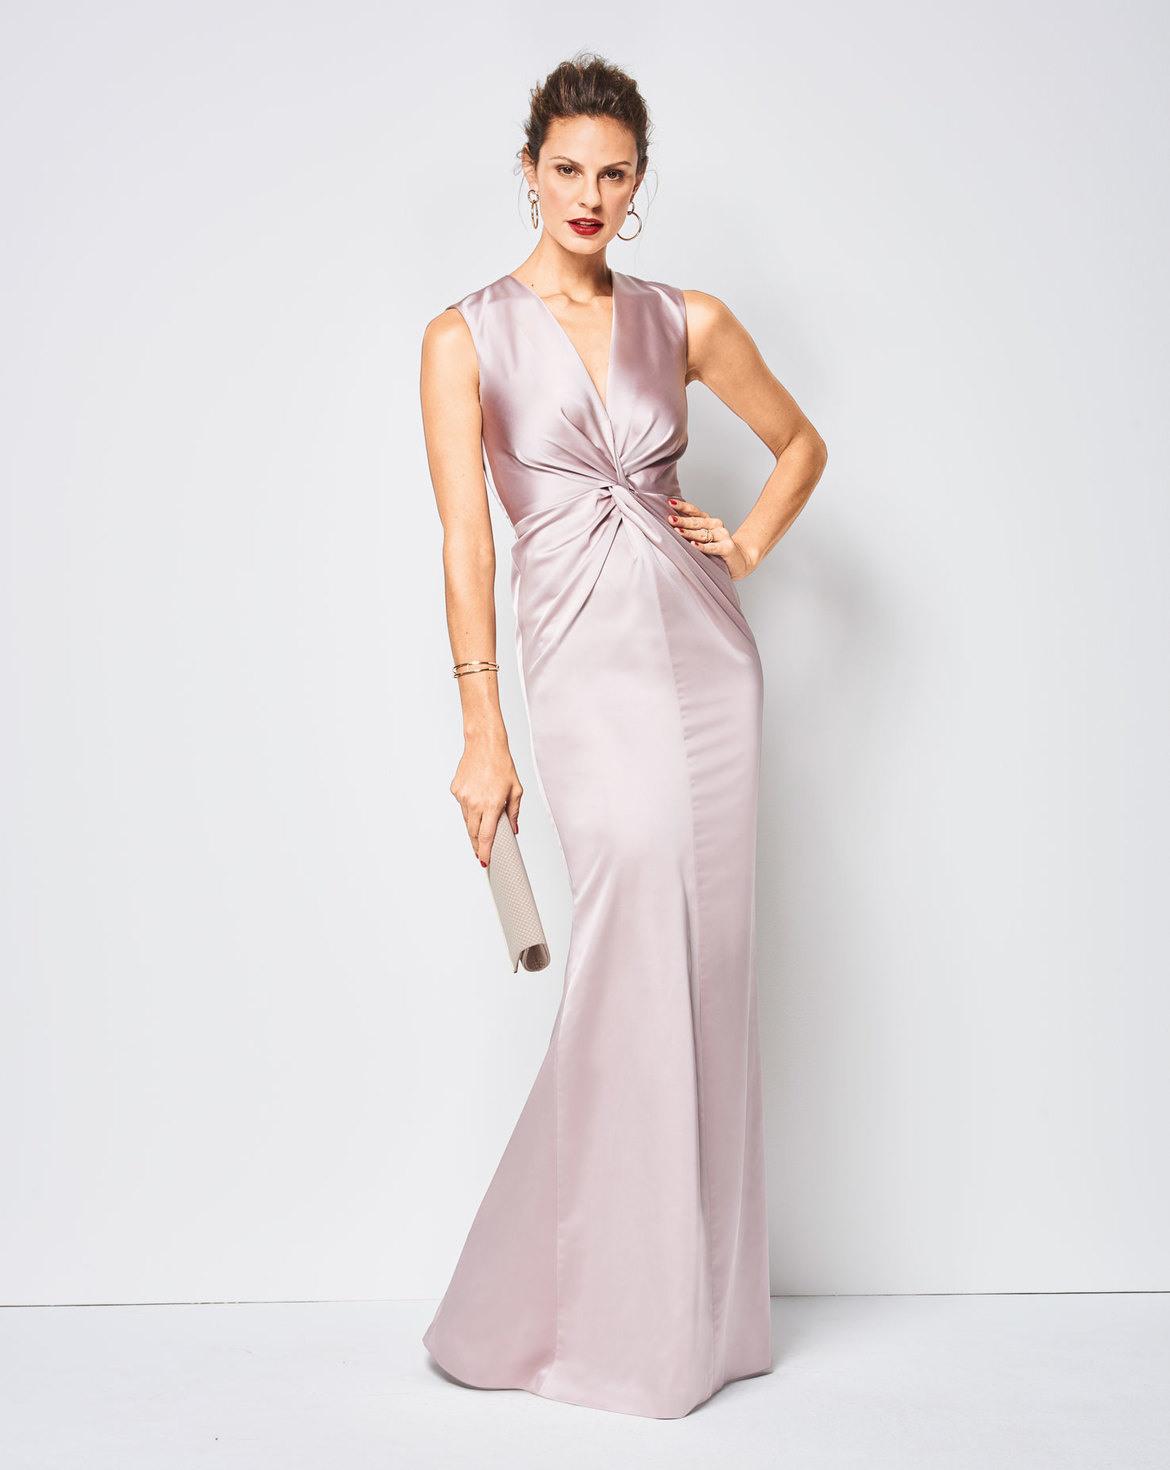 Abend Erstaunlich Abendkleid Junge Mode für 2019Abend Schön Abendkleid Junge Mode Boutique